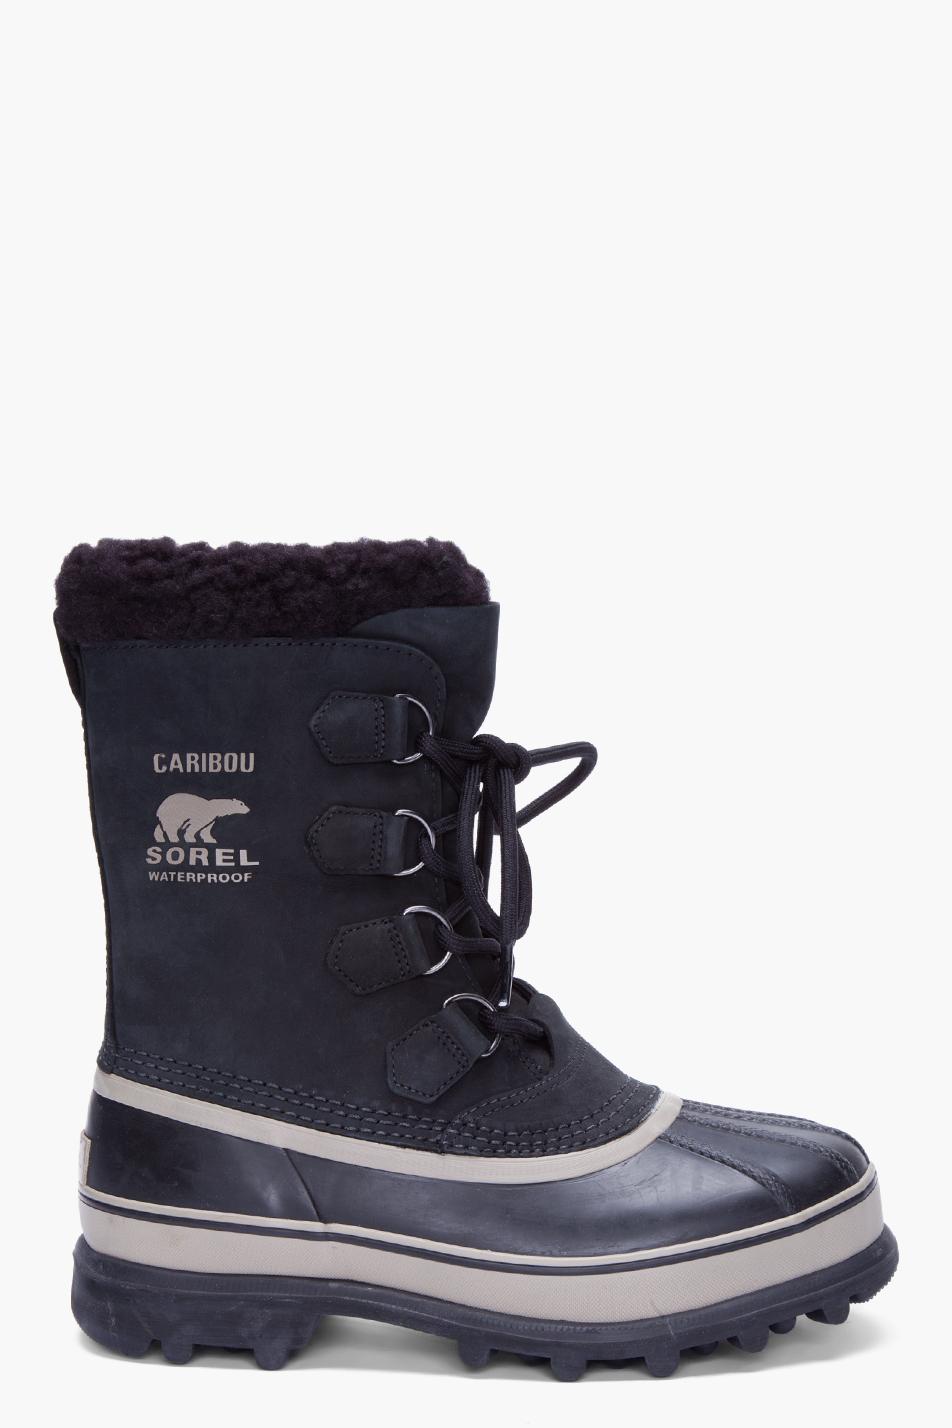 Sorel Black Nubuck Caribou Boots In Black For Men Lyst